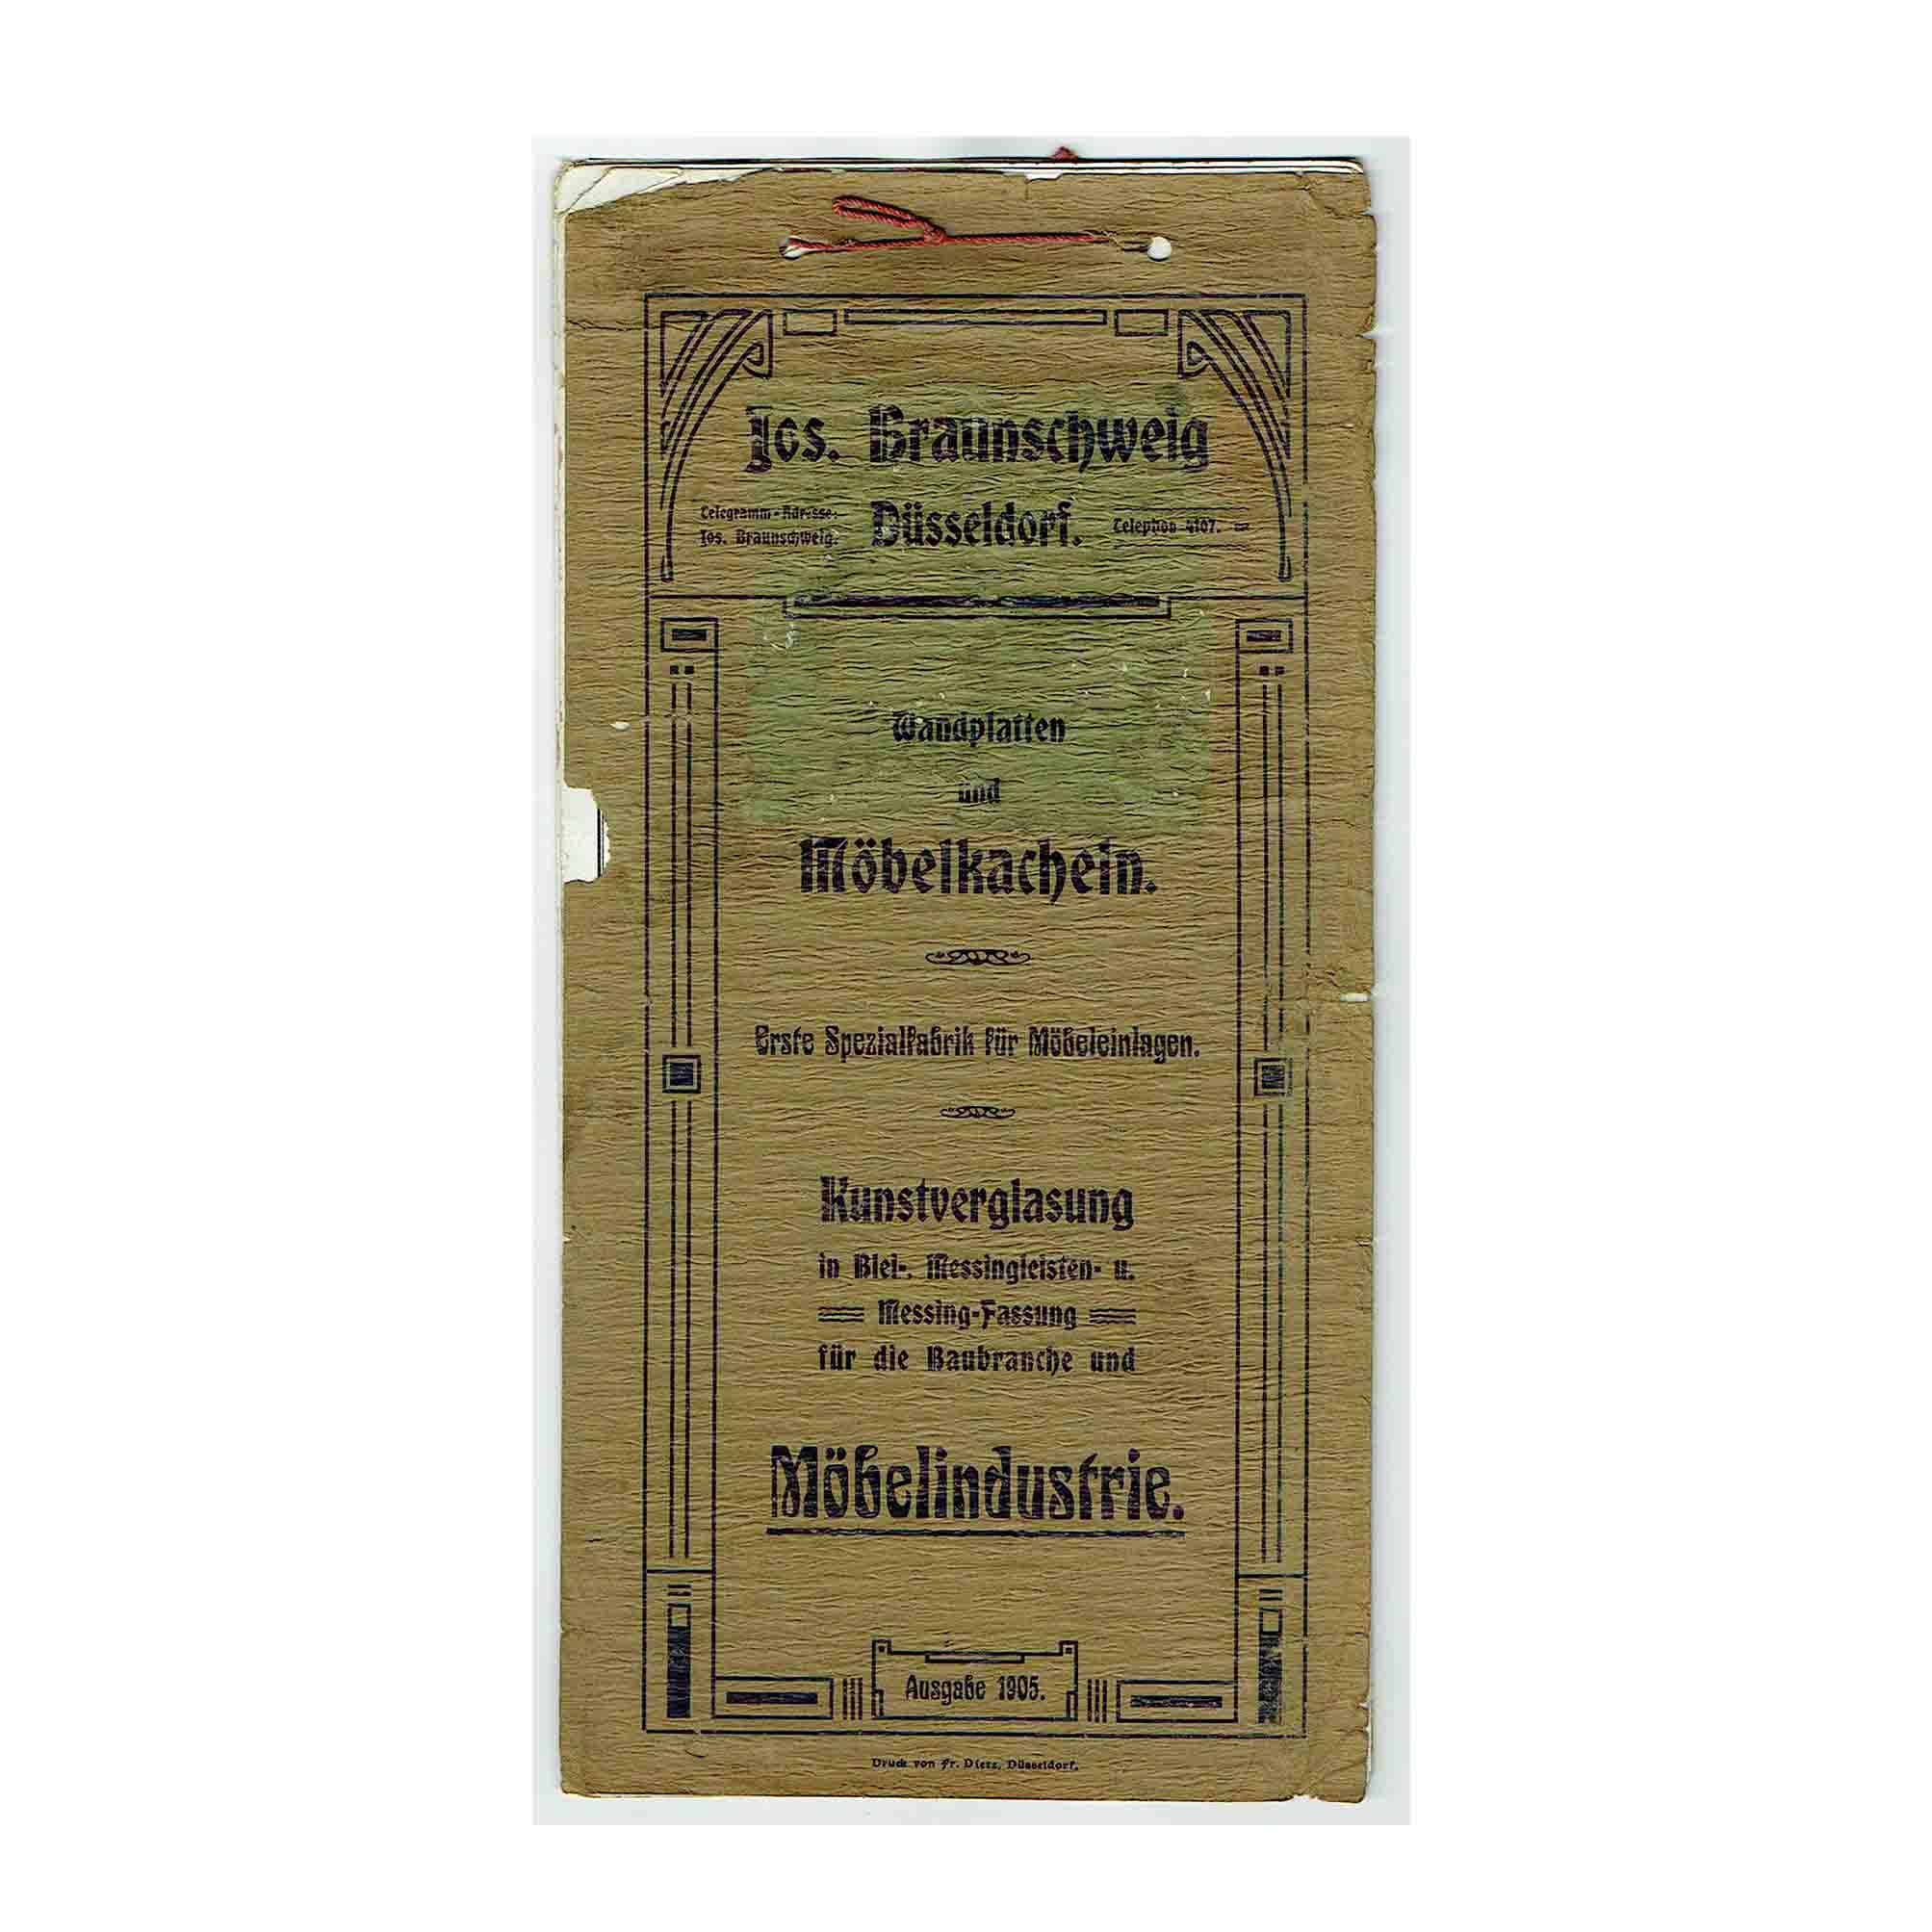 5514-Braunschweig-Möbelkacheln-1905-Umschlag-A-N.jpg